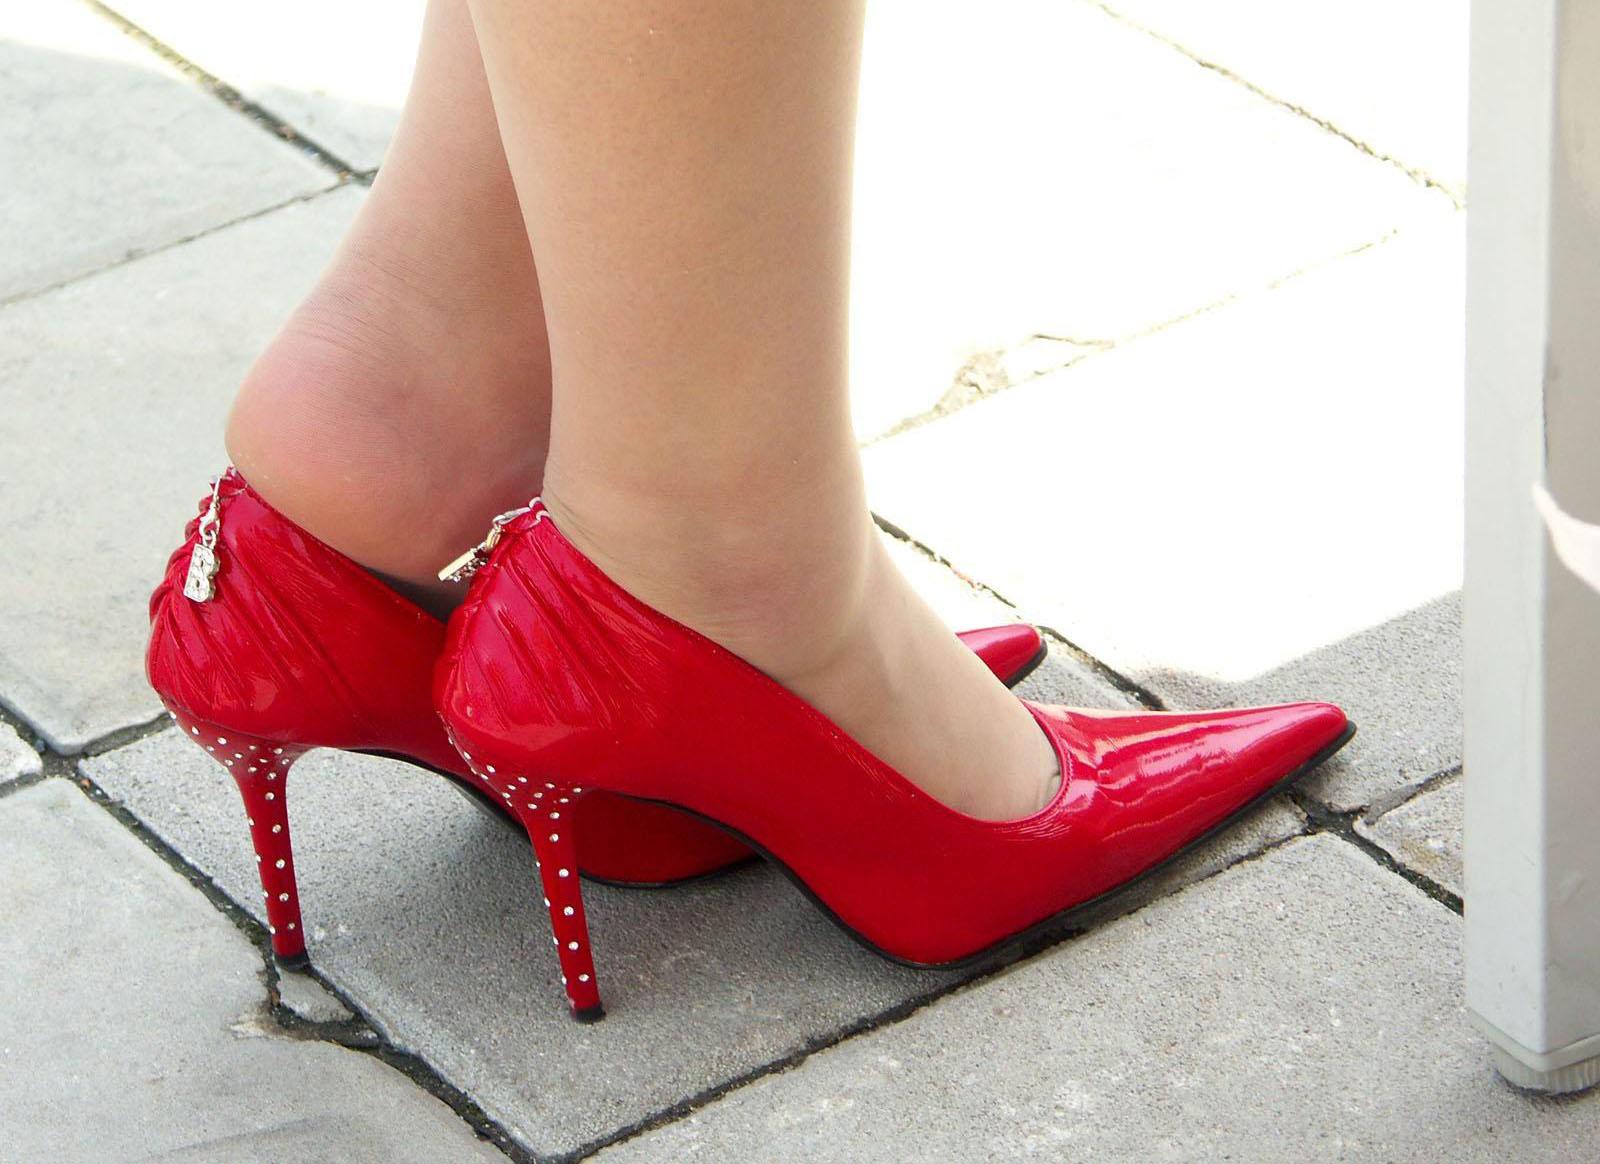 给老婆选鞋不轻松啊【图】 - 柏村休闲居 - 柏村休闲居